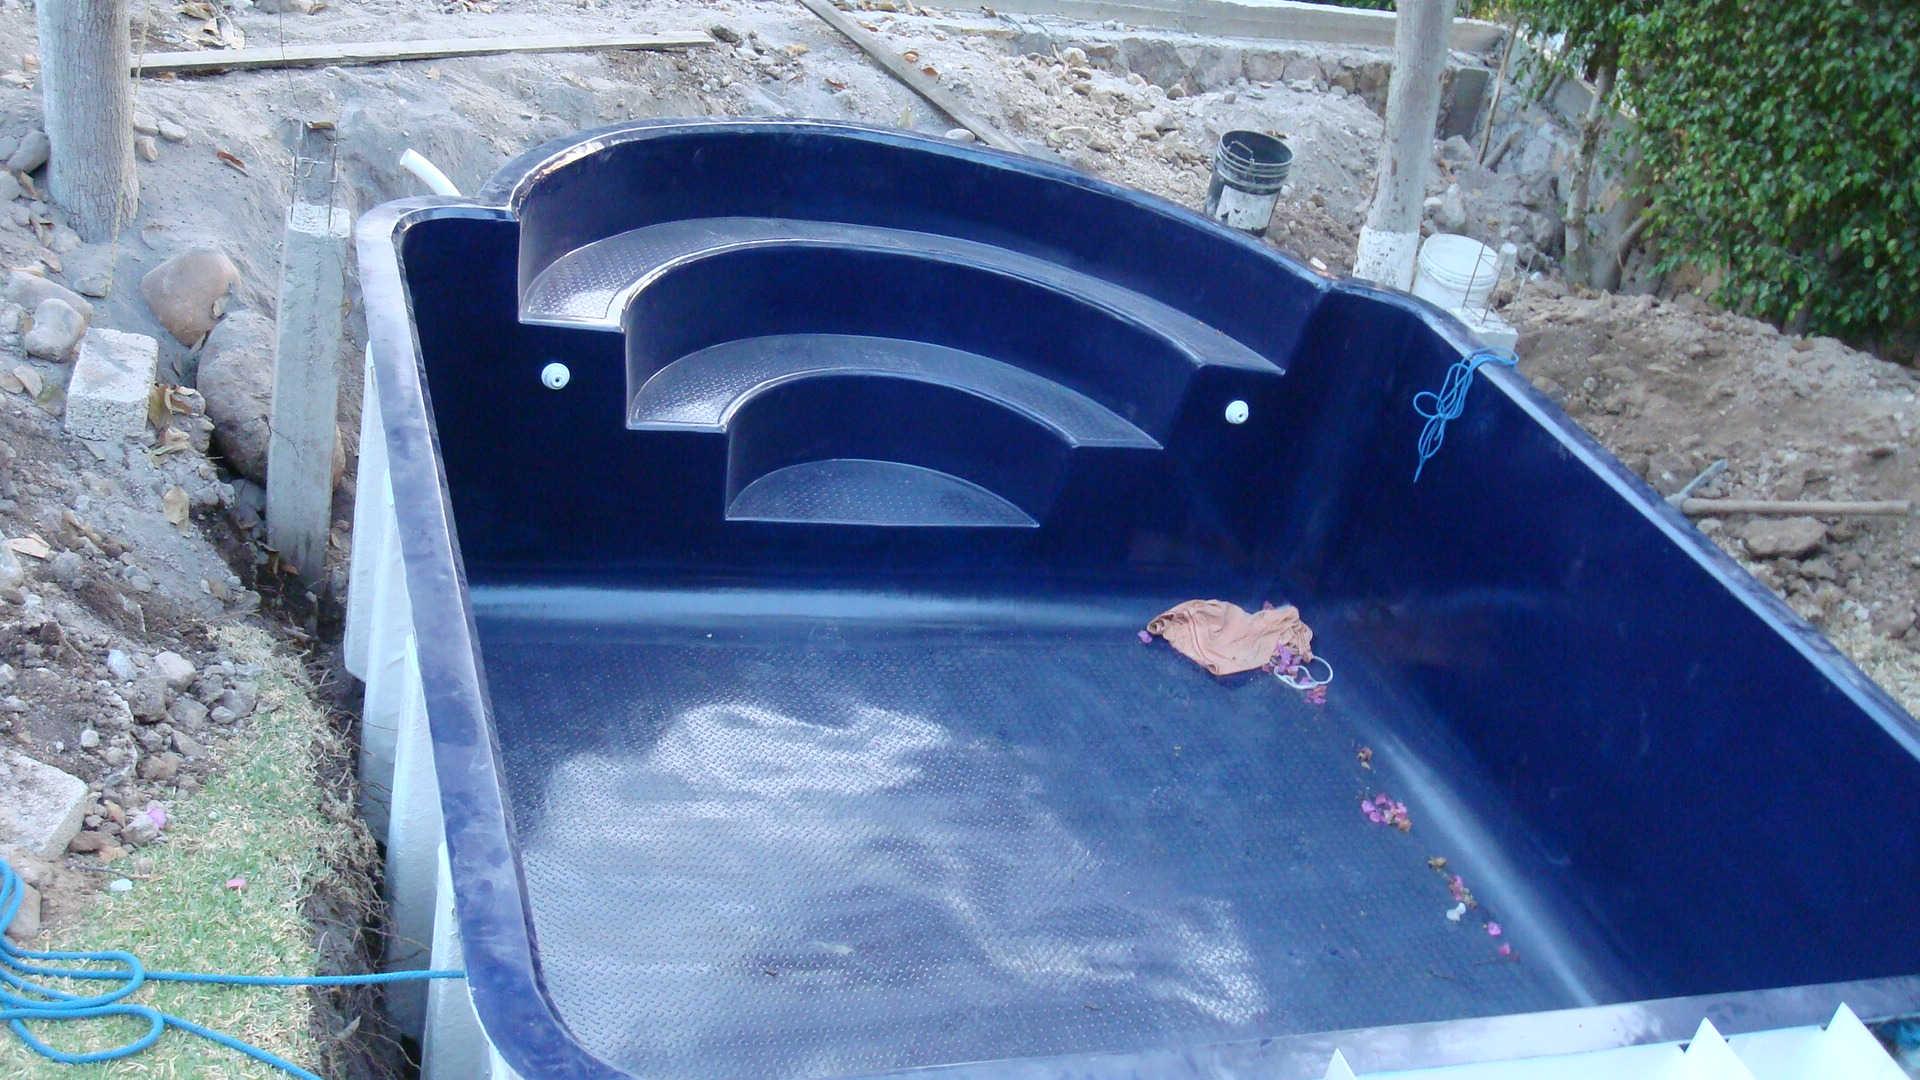 Instalacion de una piscina de fibra tattoo design bild - Instalacion piscina ...